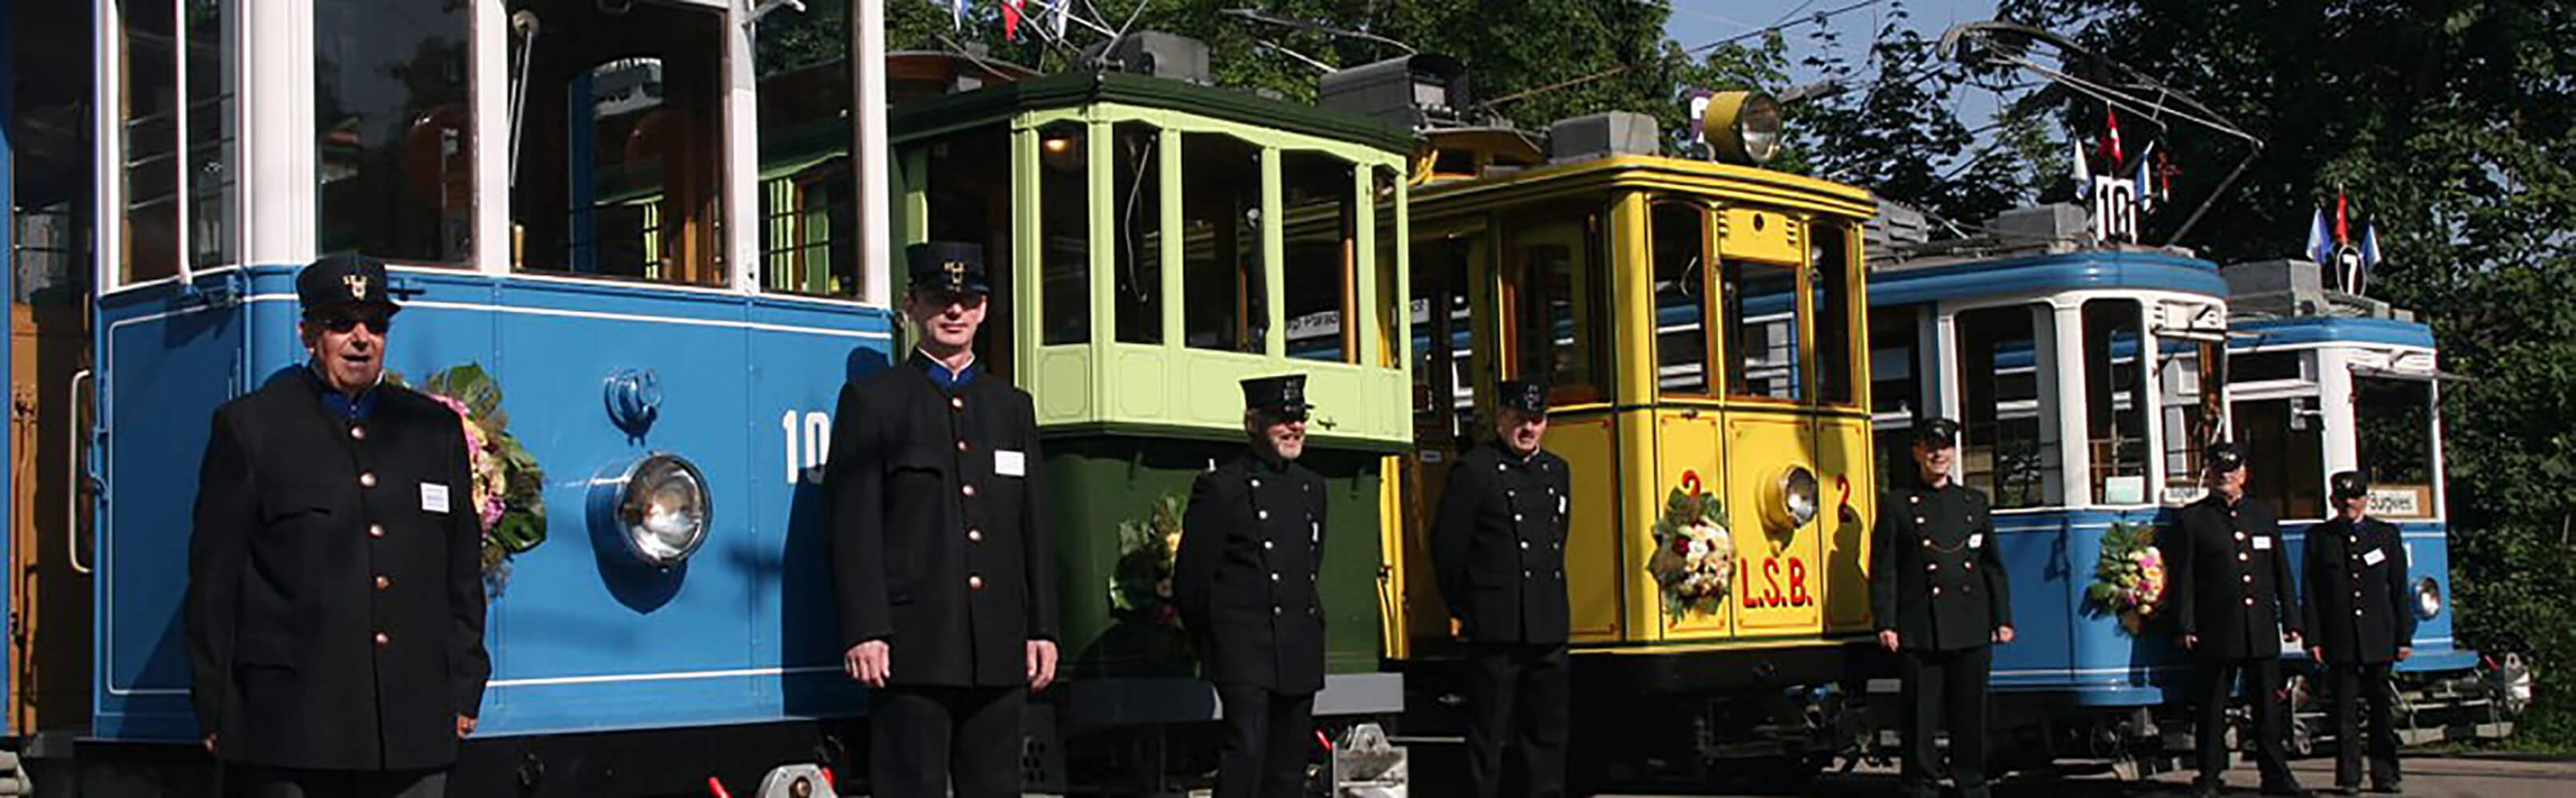 Tram-Museum Zürich 1